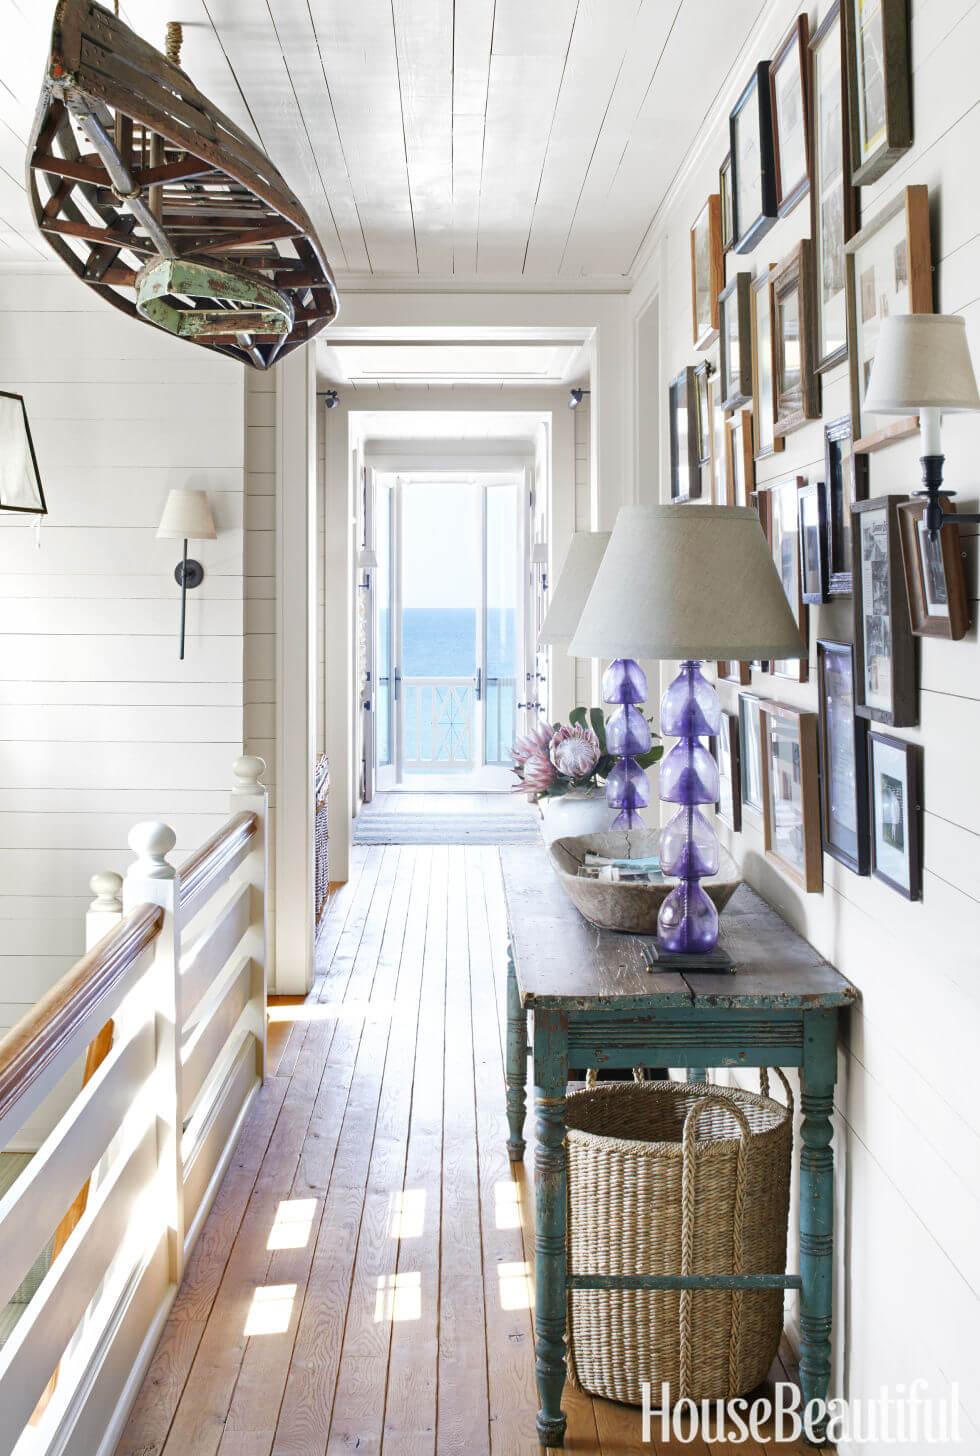 Un couloir inspiré de la promenade menant à un balcon